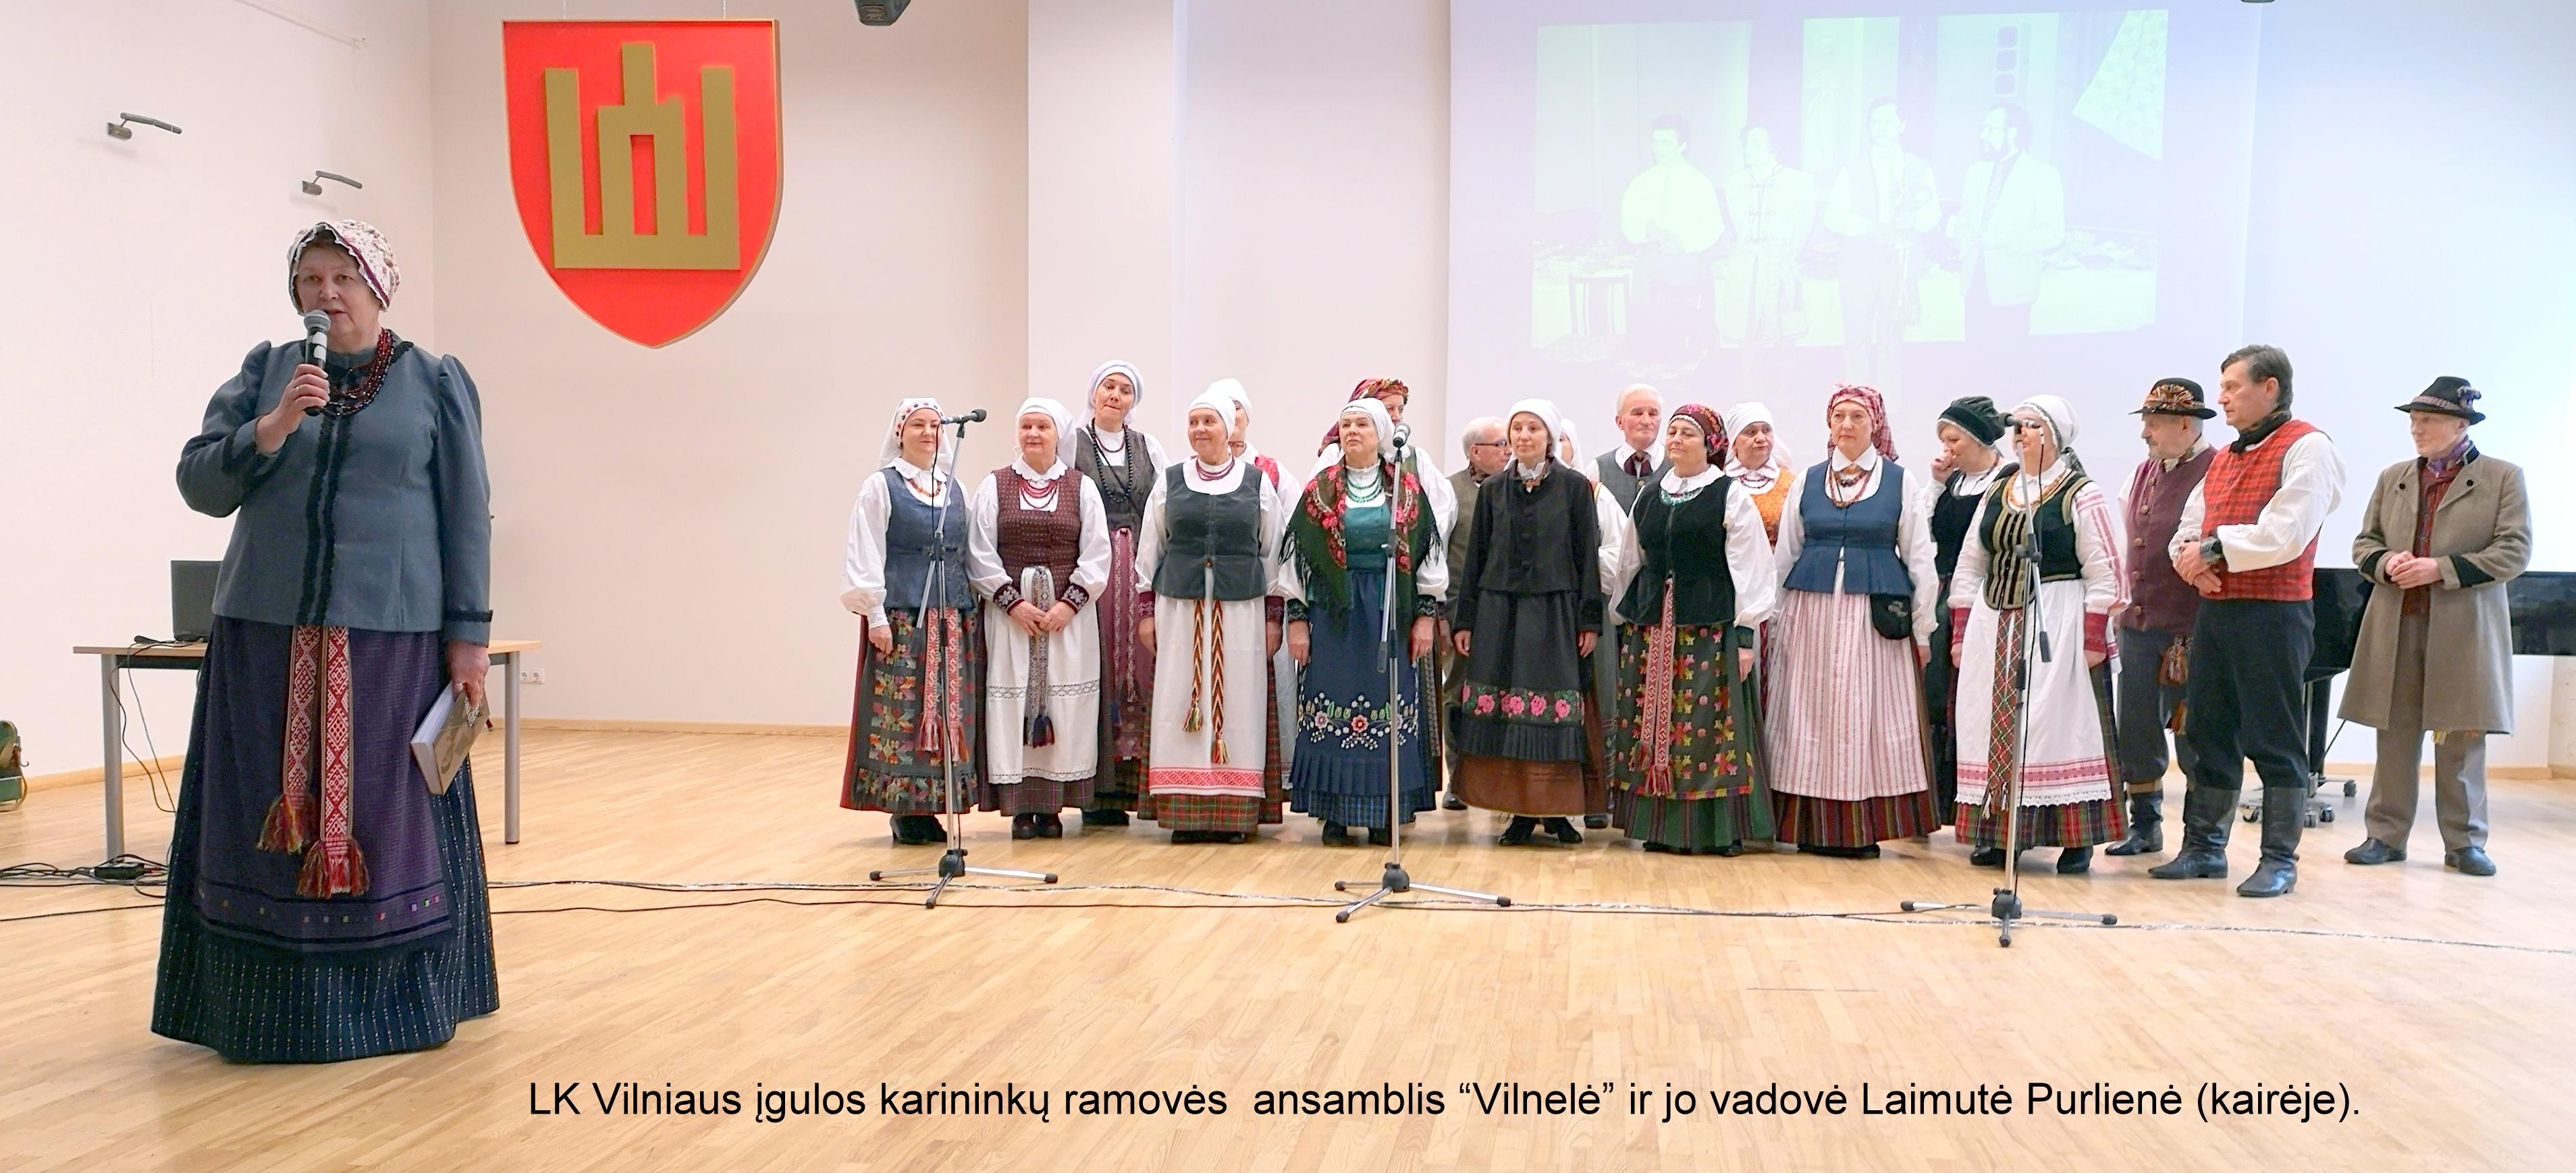 """LK Vilniaus įgulos karininkų ramovės ansamblis """"Vilnelė"""" ir jo vadovė Laimutė Purlienė (kairėje)   A. Grigaitienės nuotr."""